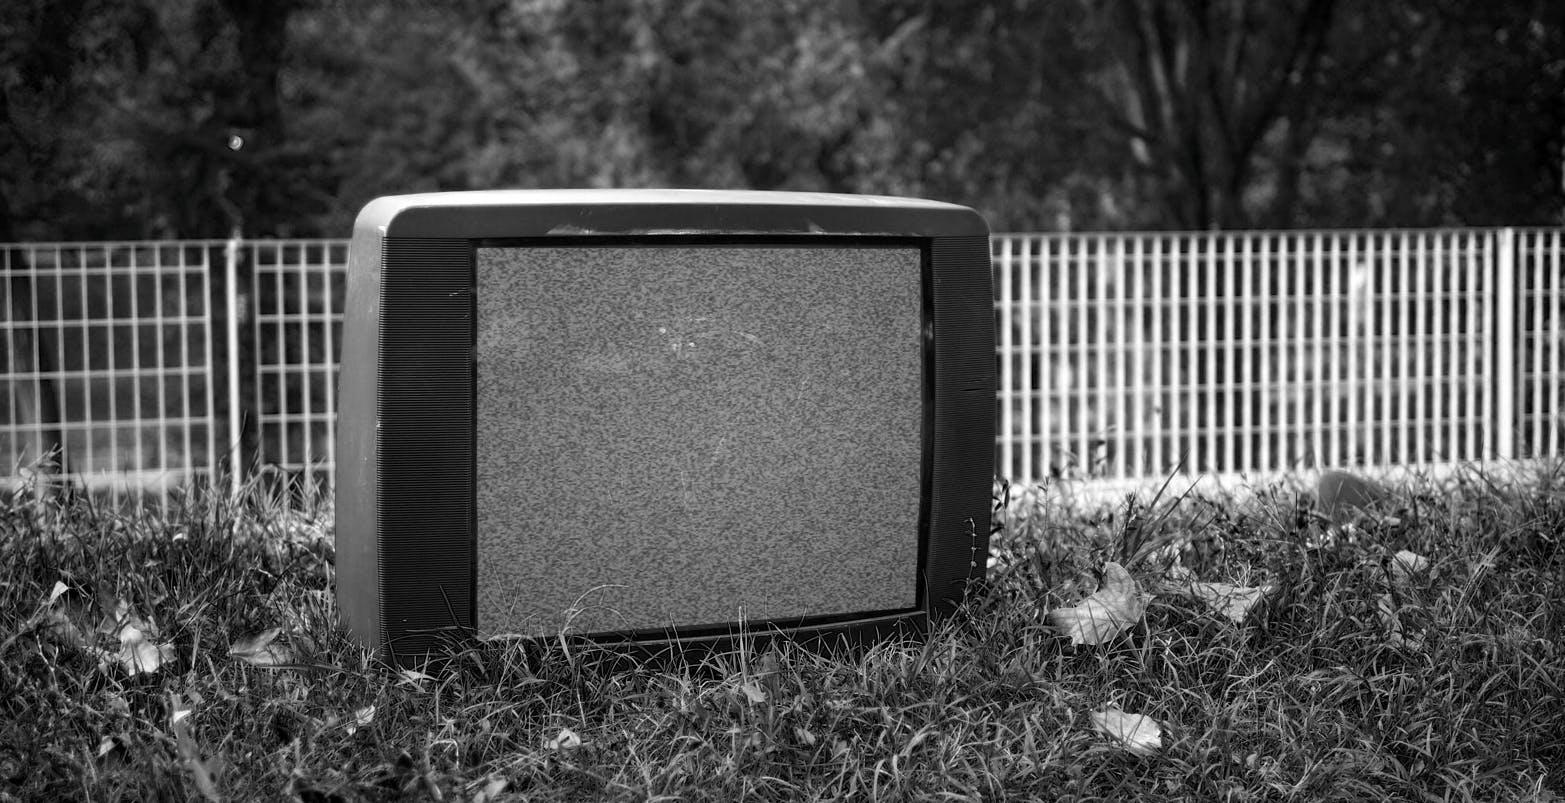 Mercato TV verso l'Armageddon: switch-off e crisi dei semiconduttori preparano la tempesta perfetta